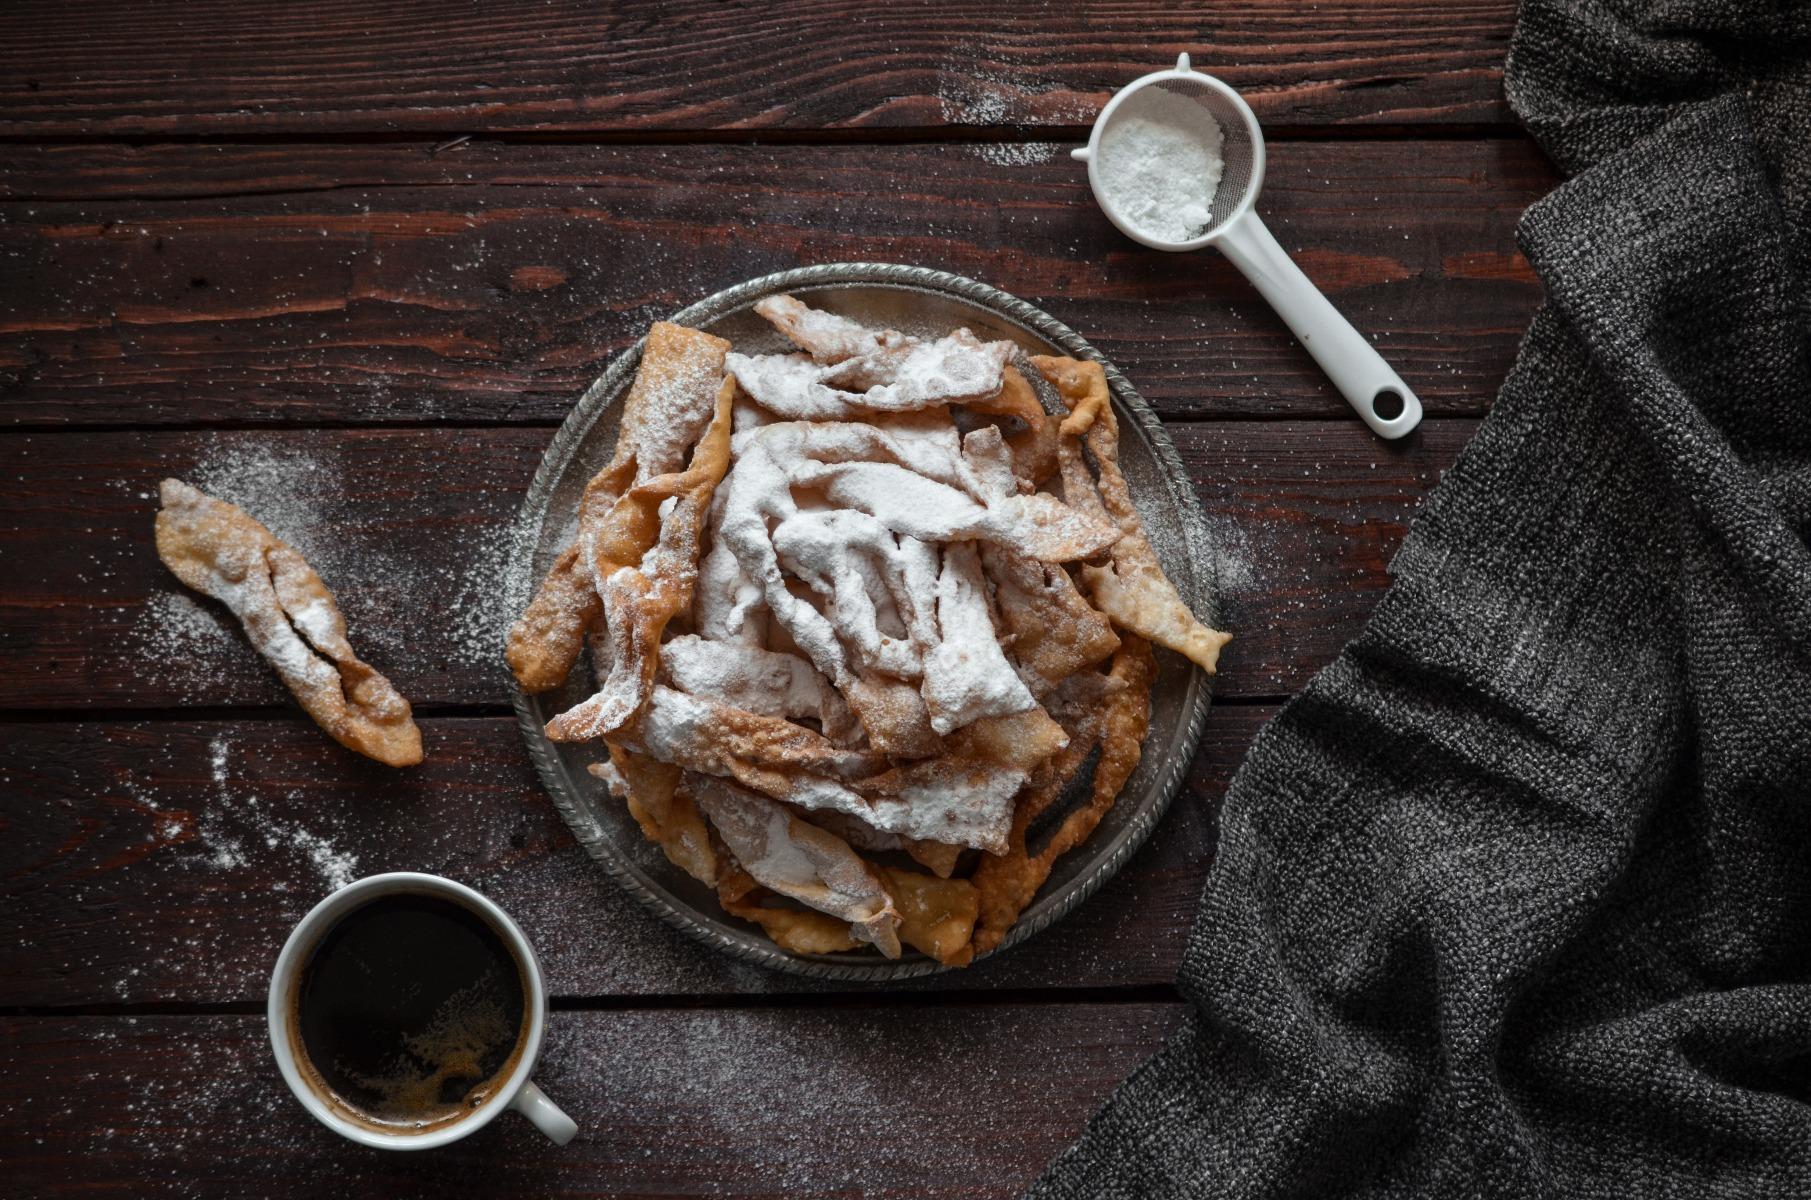 Le ricette di Casa Morettino: le Chiacchiere al caffè